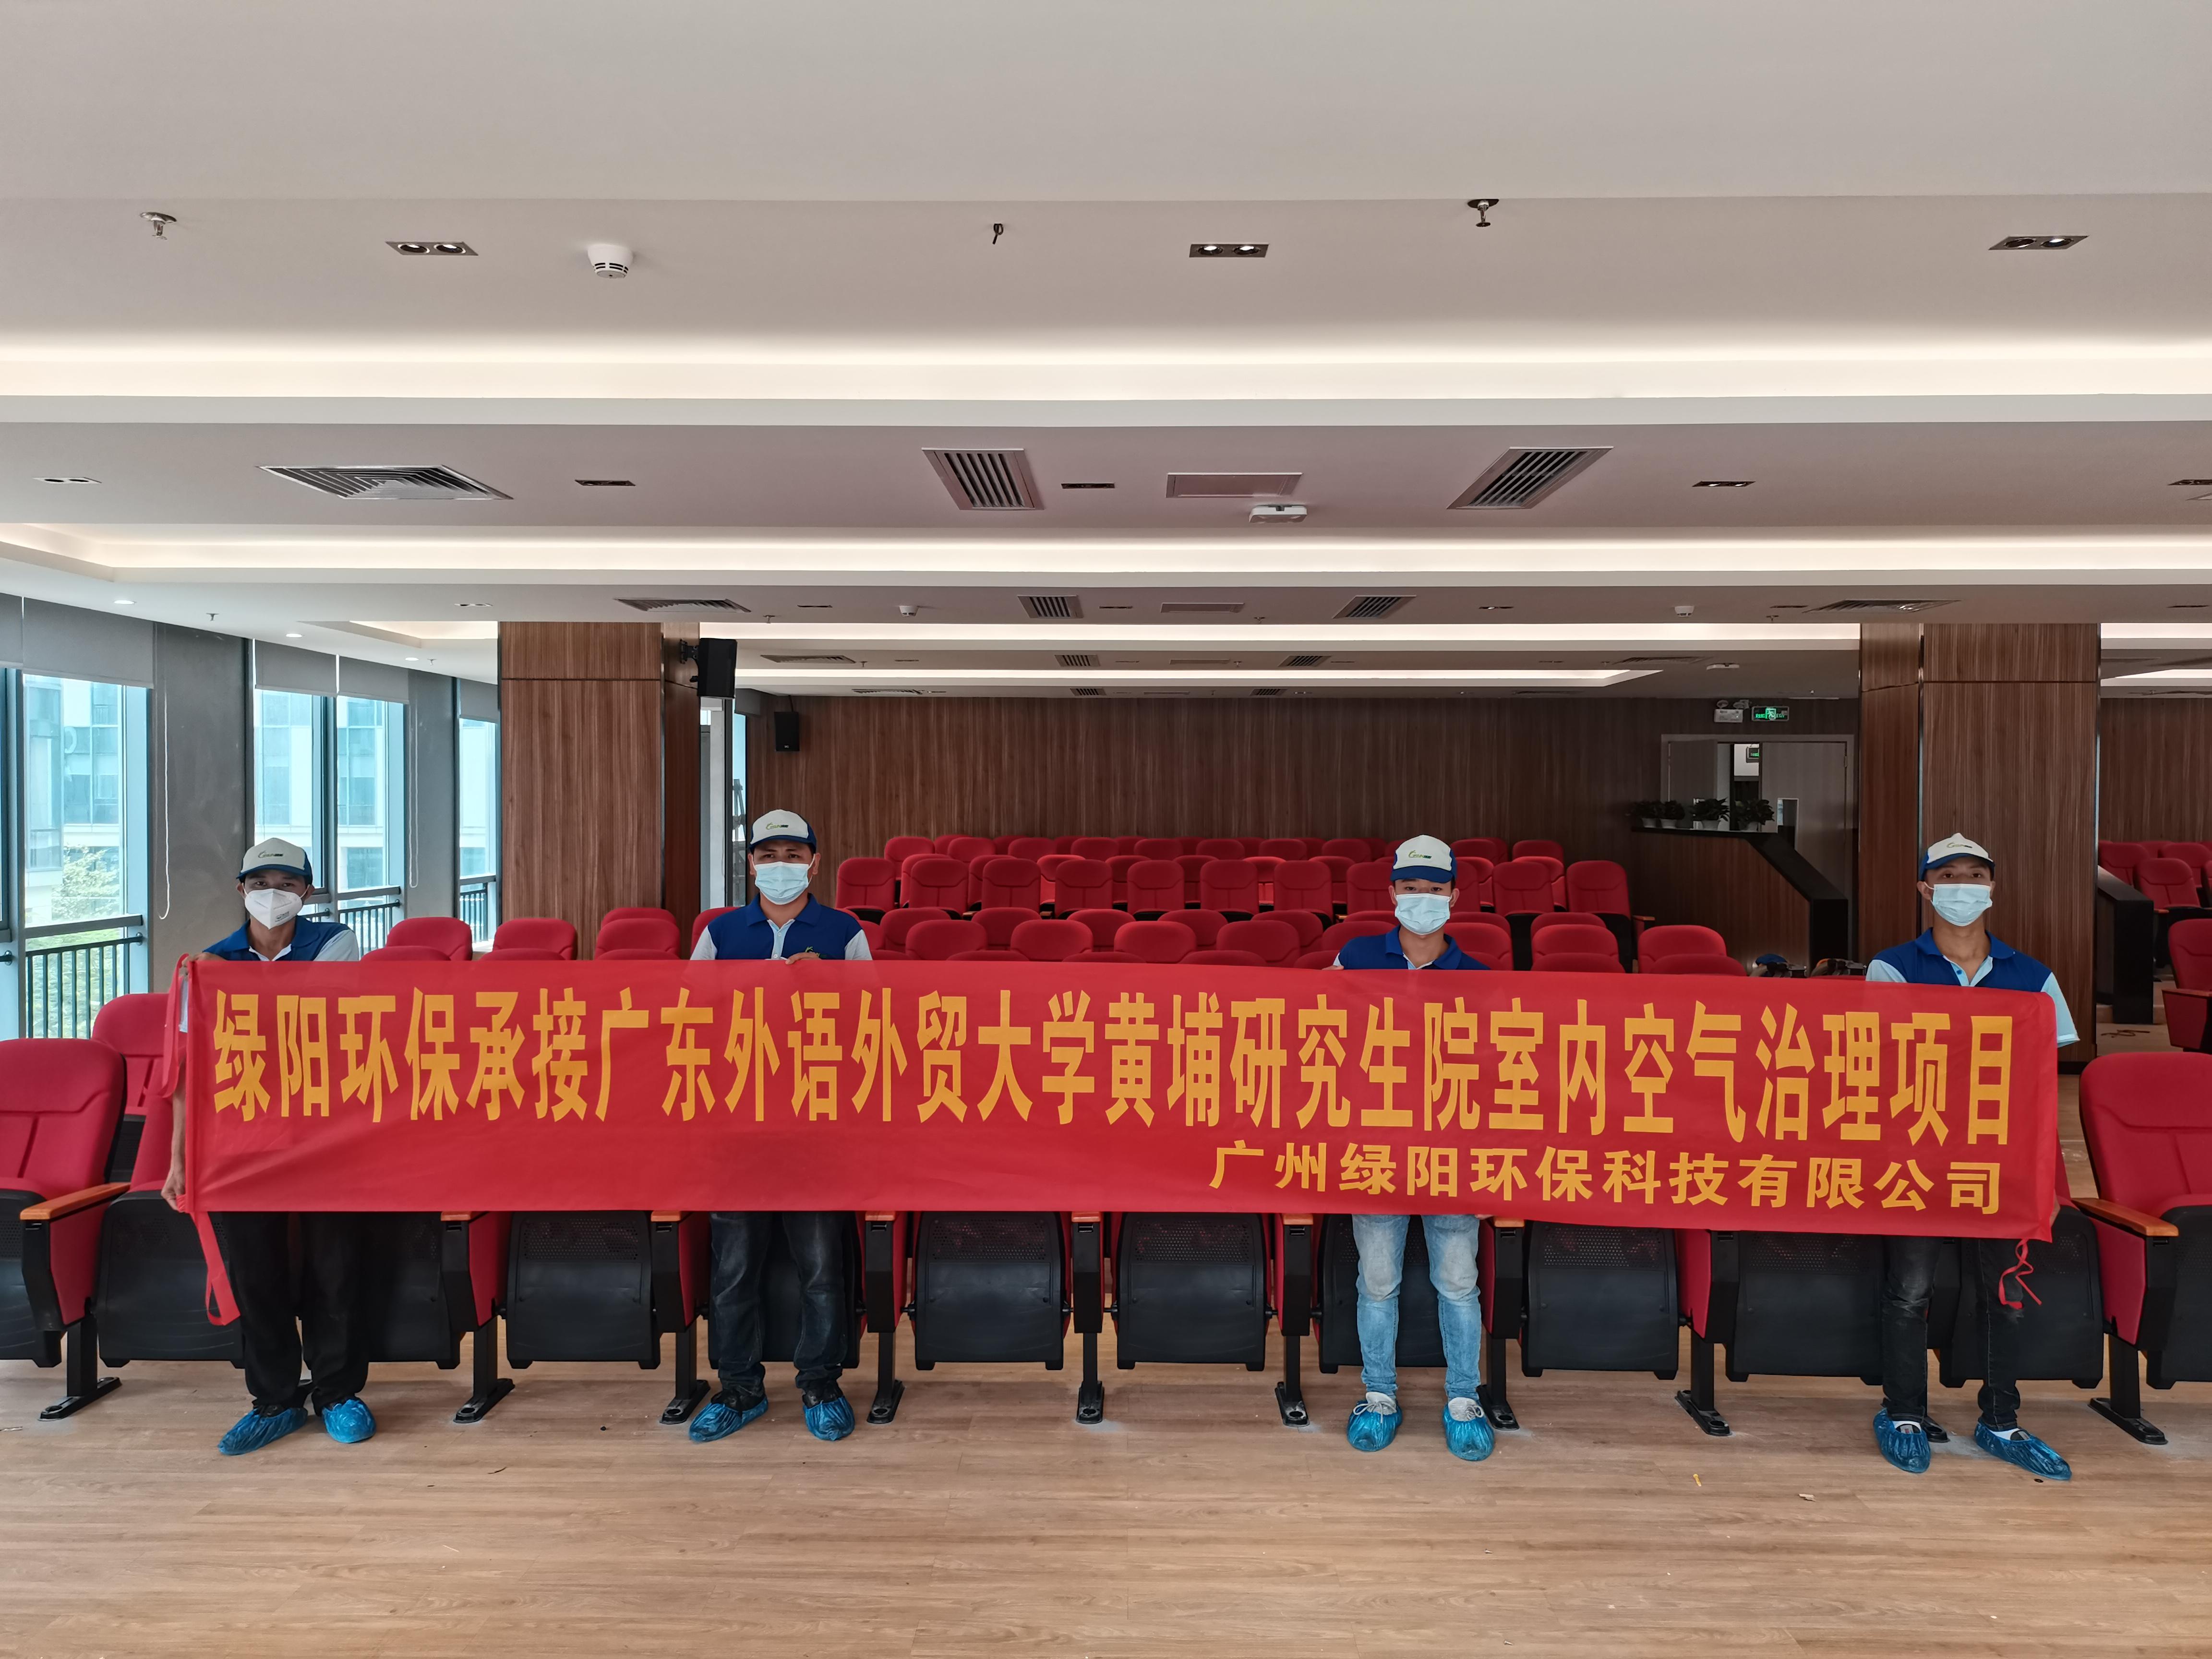 廣東外語外貿大學黃埔研究生院10000方+空氣淨化治理